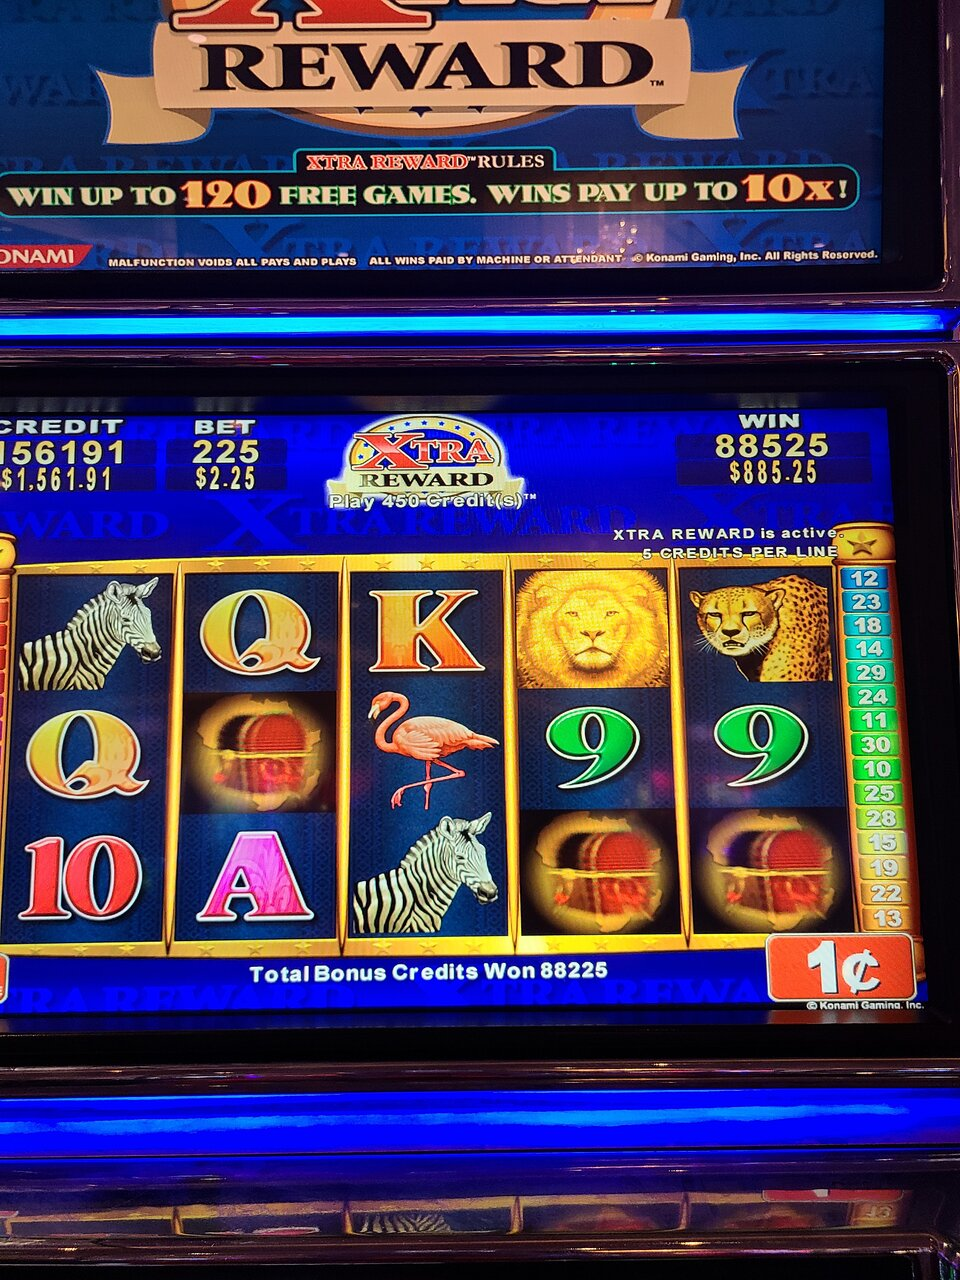 Parx Casino Bensalem 2021 All You Need To Know Before You Go With Photos Tripadvisor